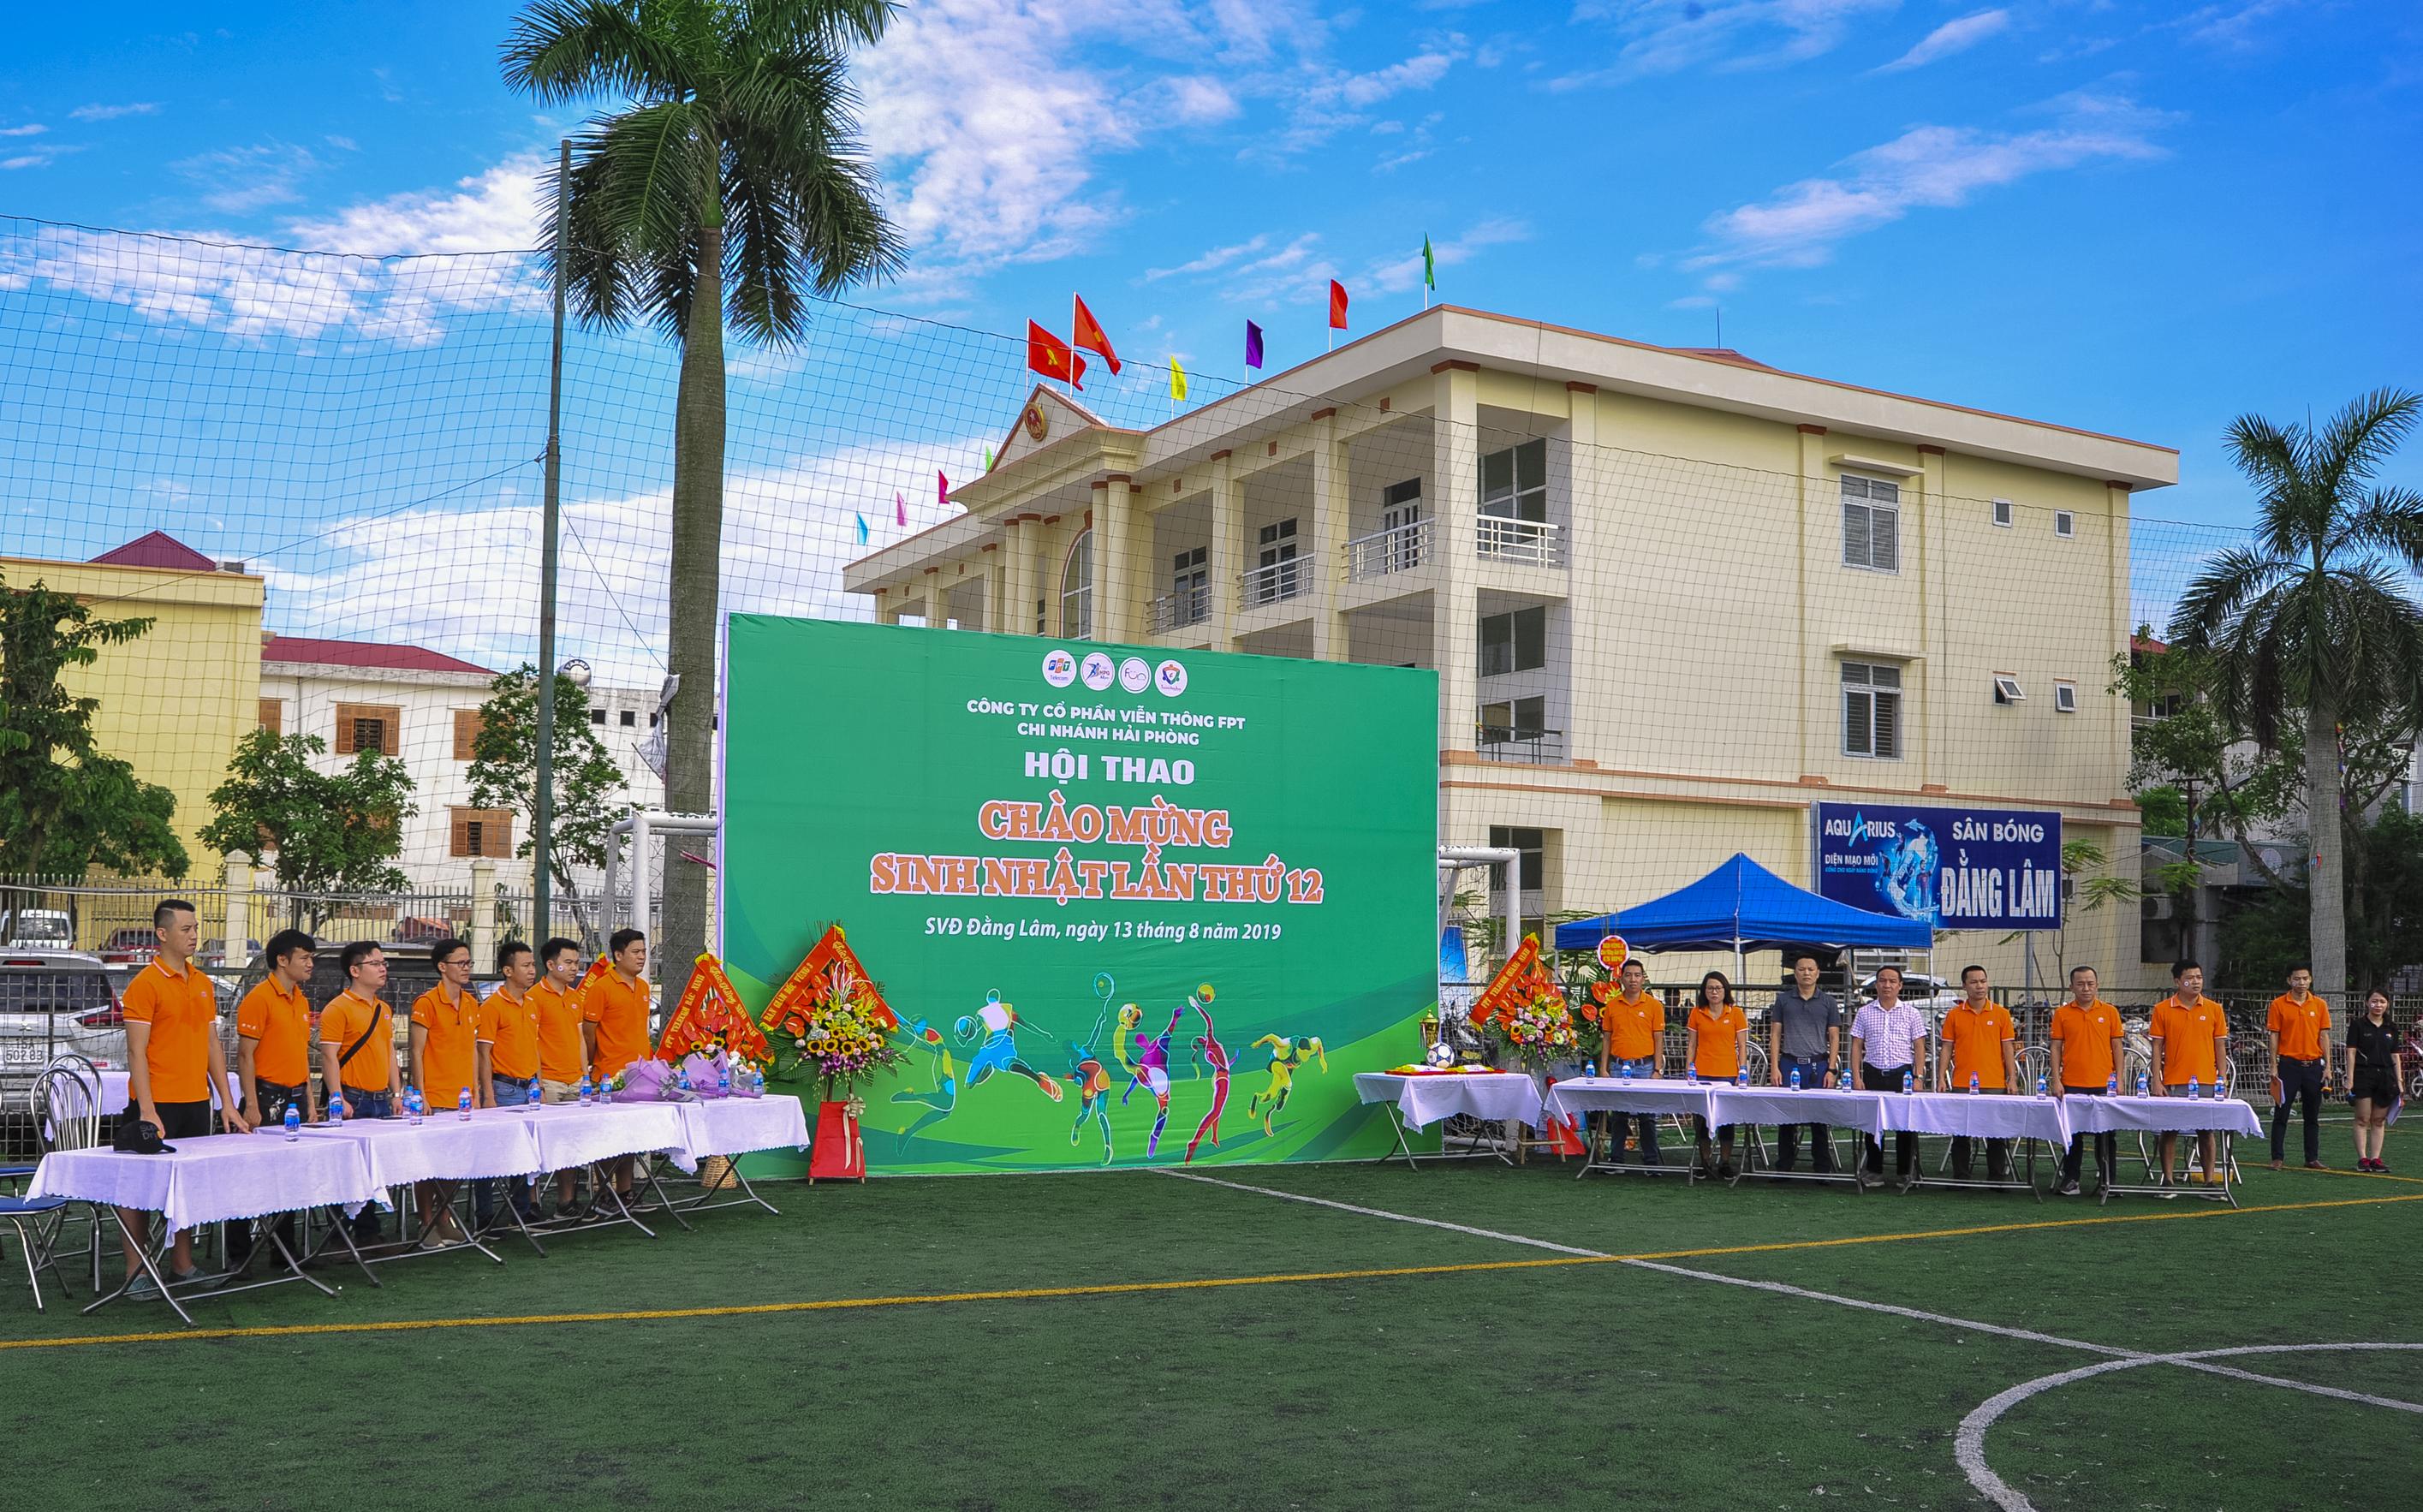 Hội thao kỷ niệm 12 năm thành lập FPT Telecom chi nhánh Hải Phòng diễn ra tạivận động Đằng Lâm, Hải An (Hải Phòng),với 300 CBNV. Đây là sự kiện thu hút nhiều CBNV nhất của chi nhánh từ trước tới giờ.